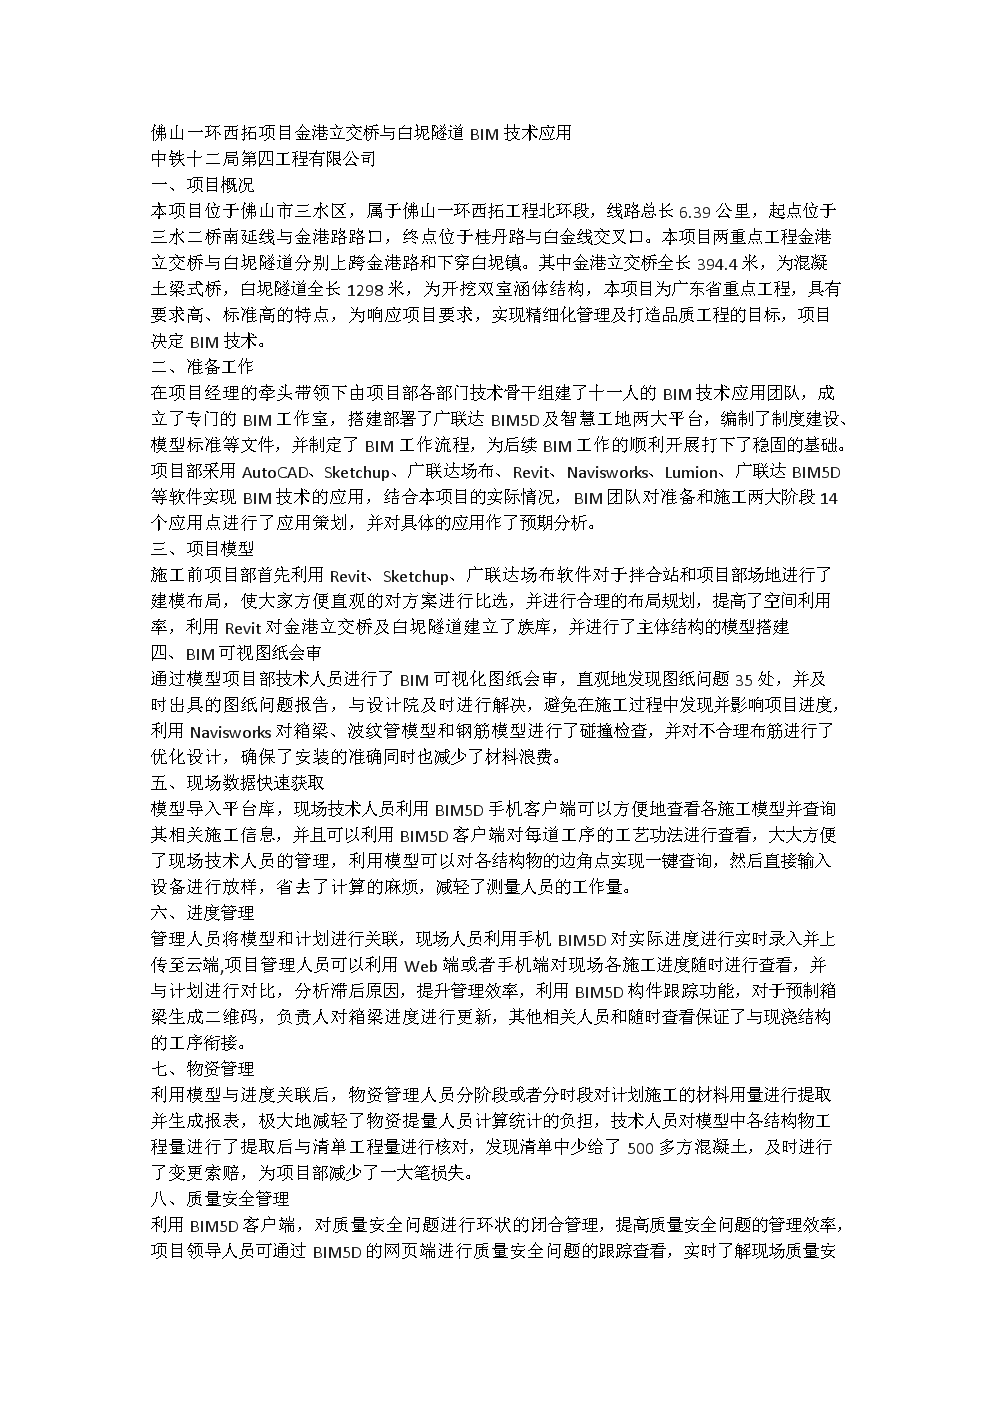 佛山一环西拓项目BIM应用介绍.docx